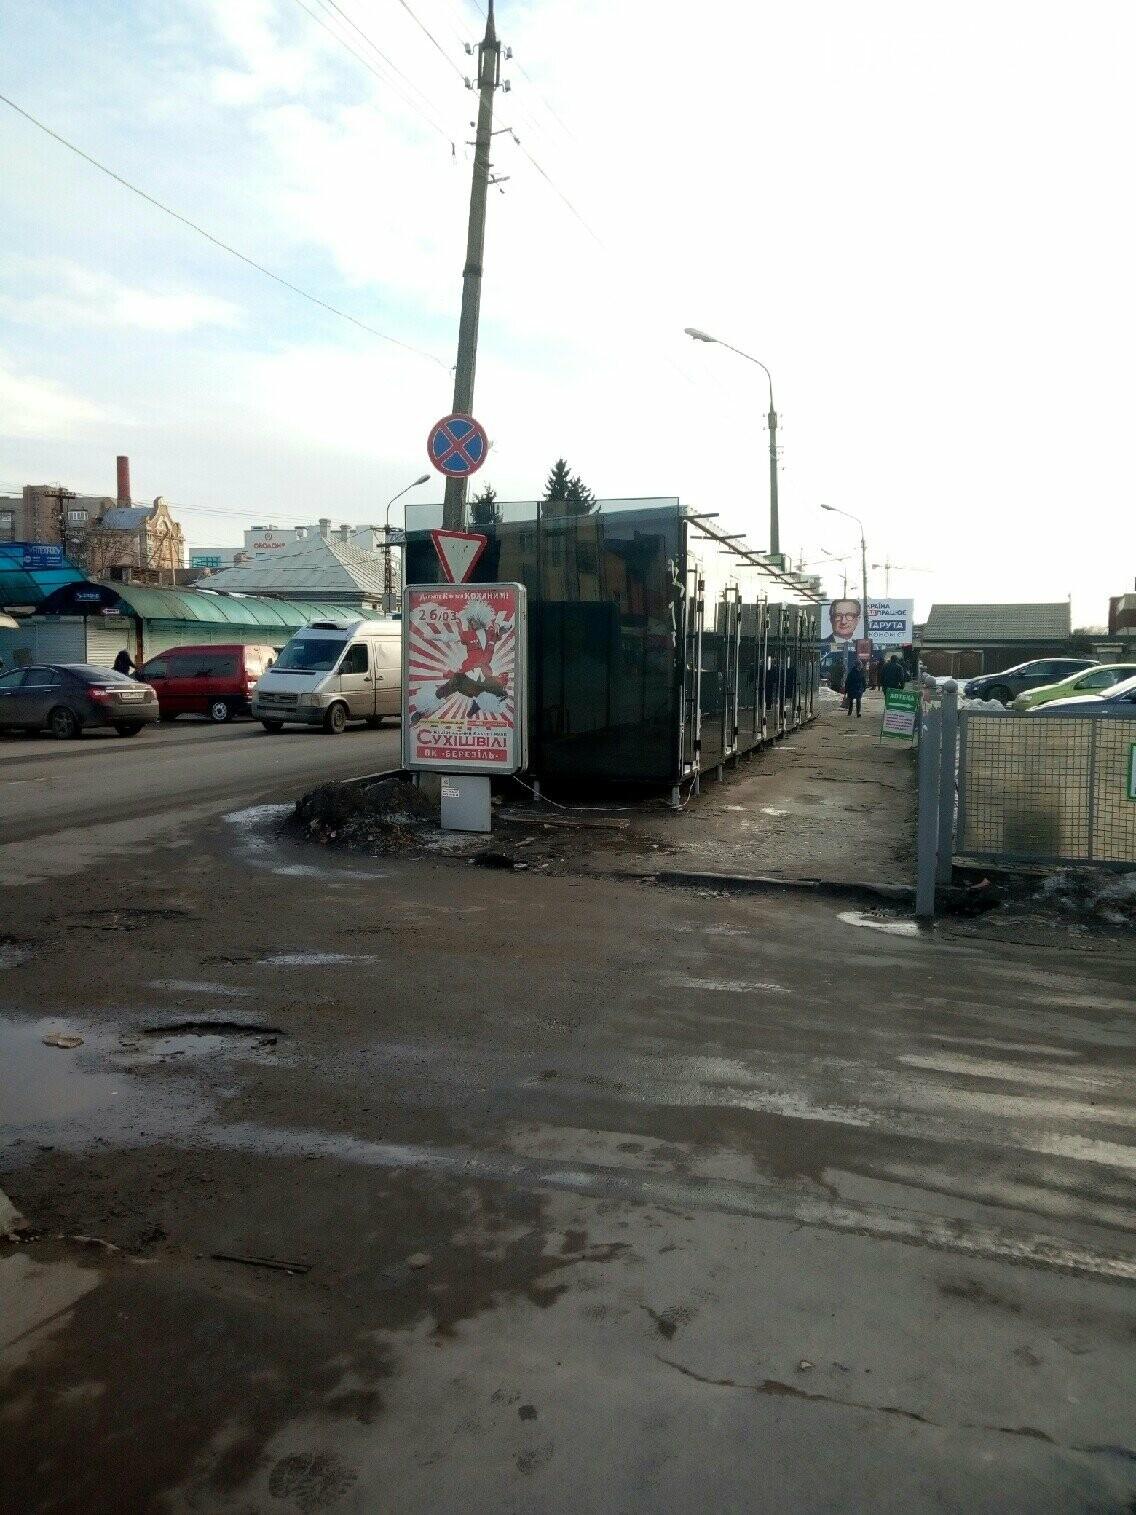 Вулицю Шептицького у Тернополі повністю забудували торговими будками (ФОТОФАКТ), фото-5